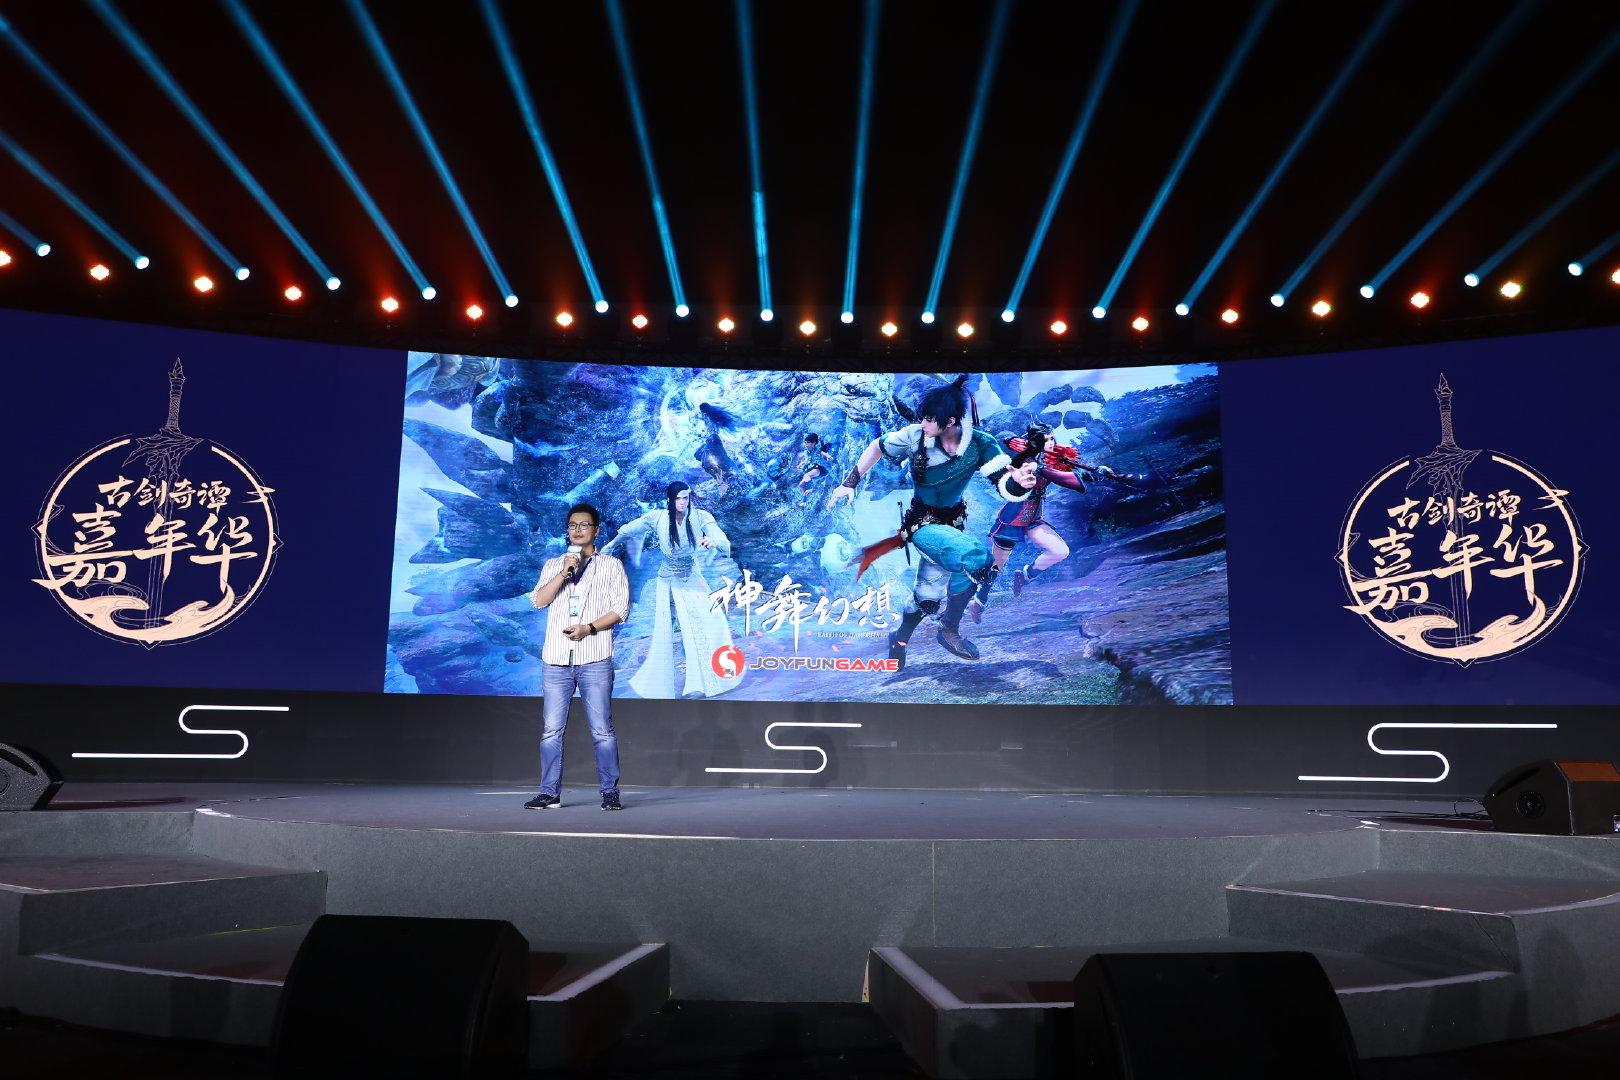 《古剑奇谭3》计划登陆主机平台 《神舞幻想》续作开发中